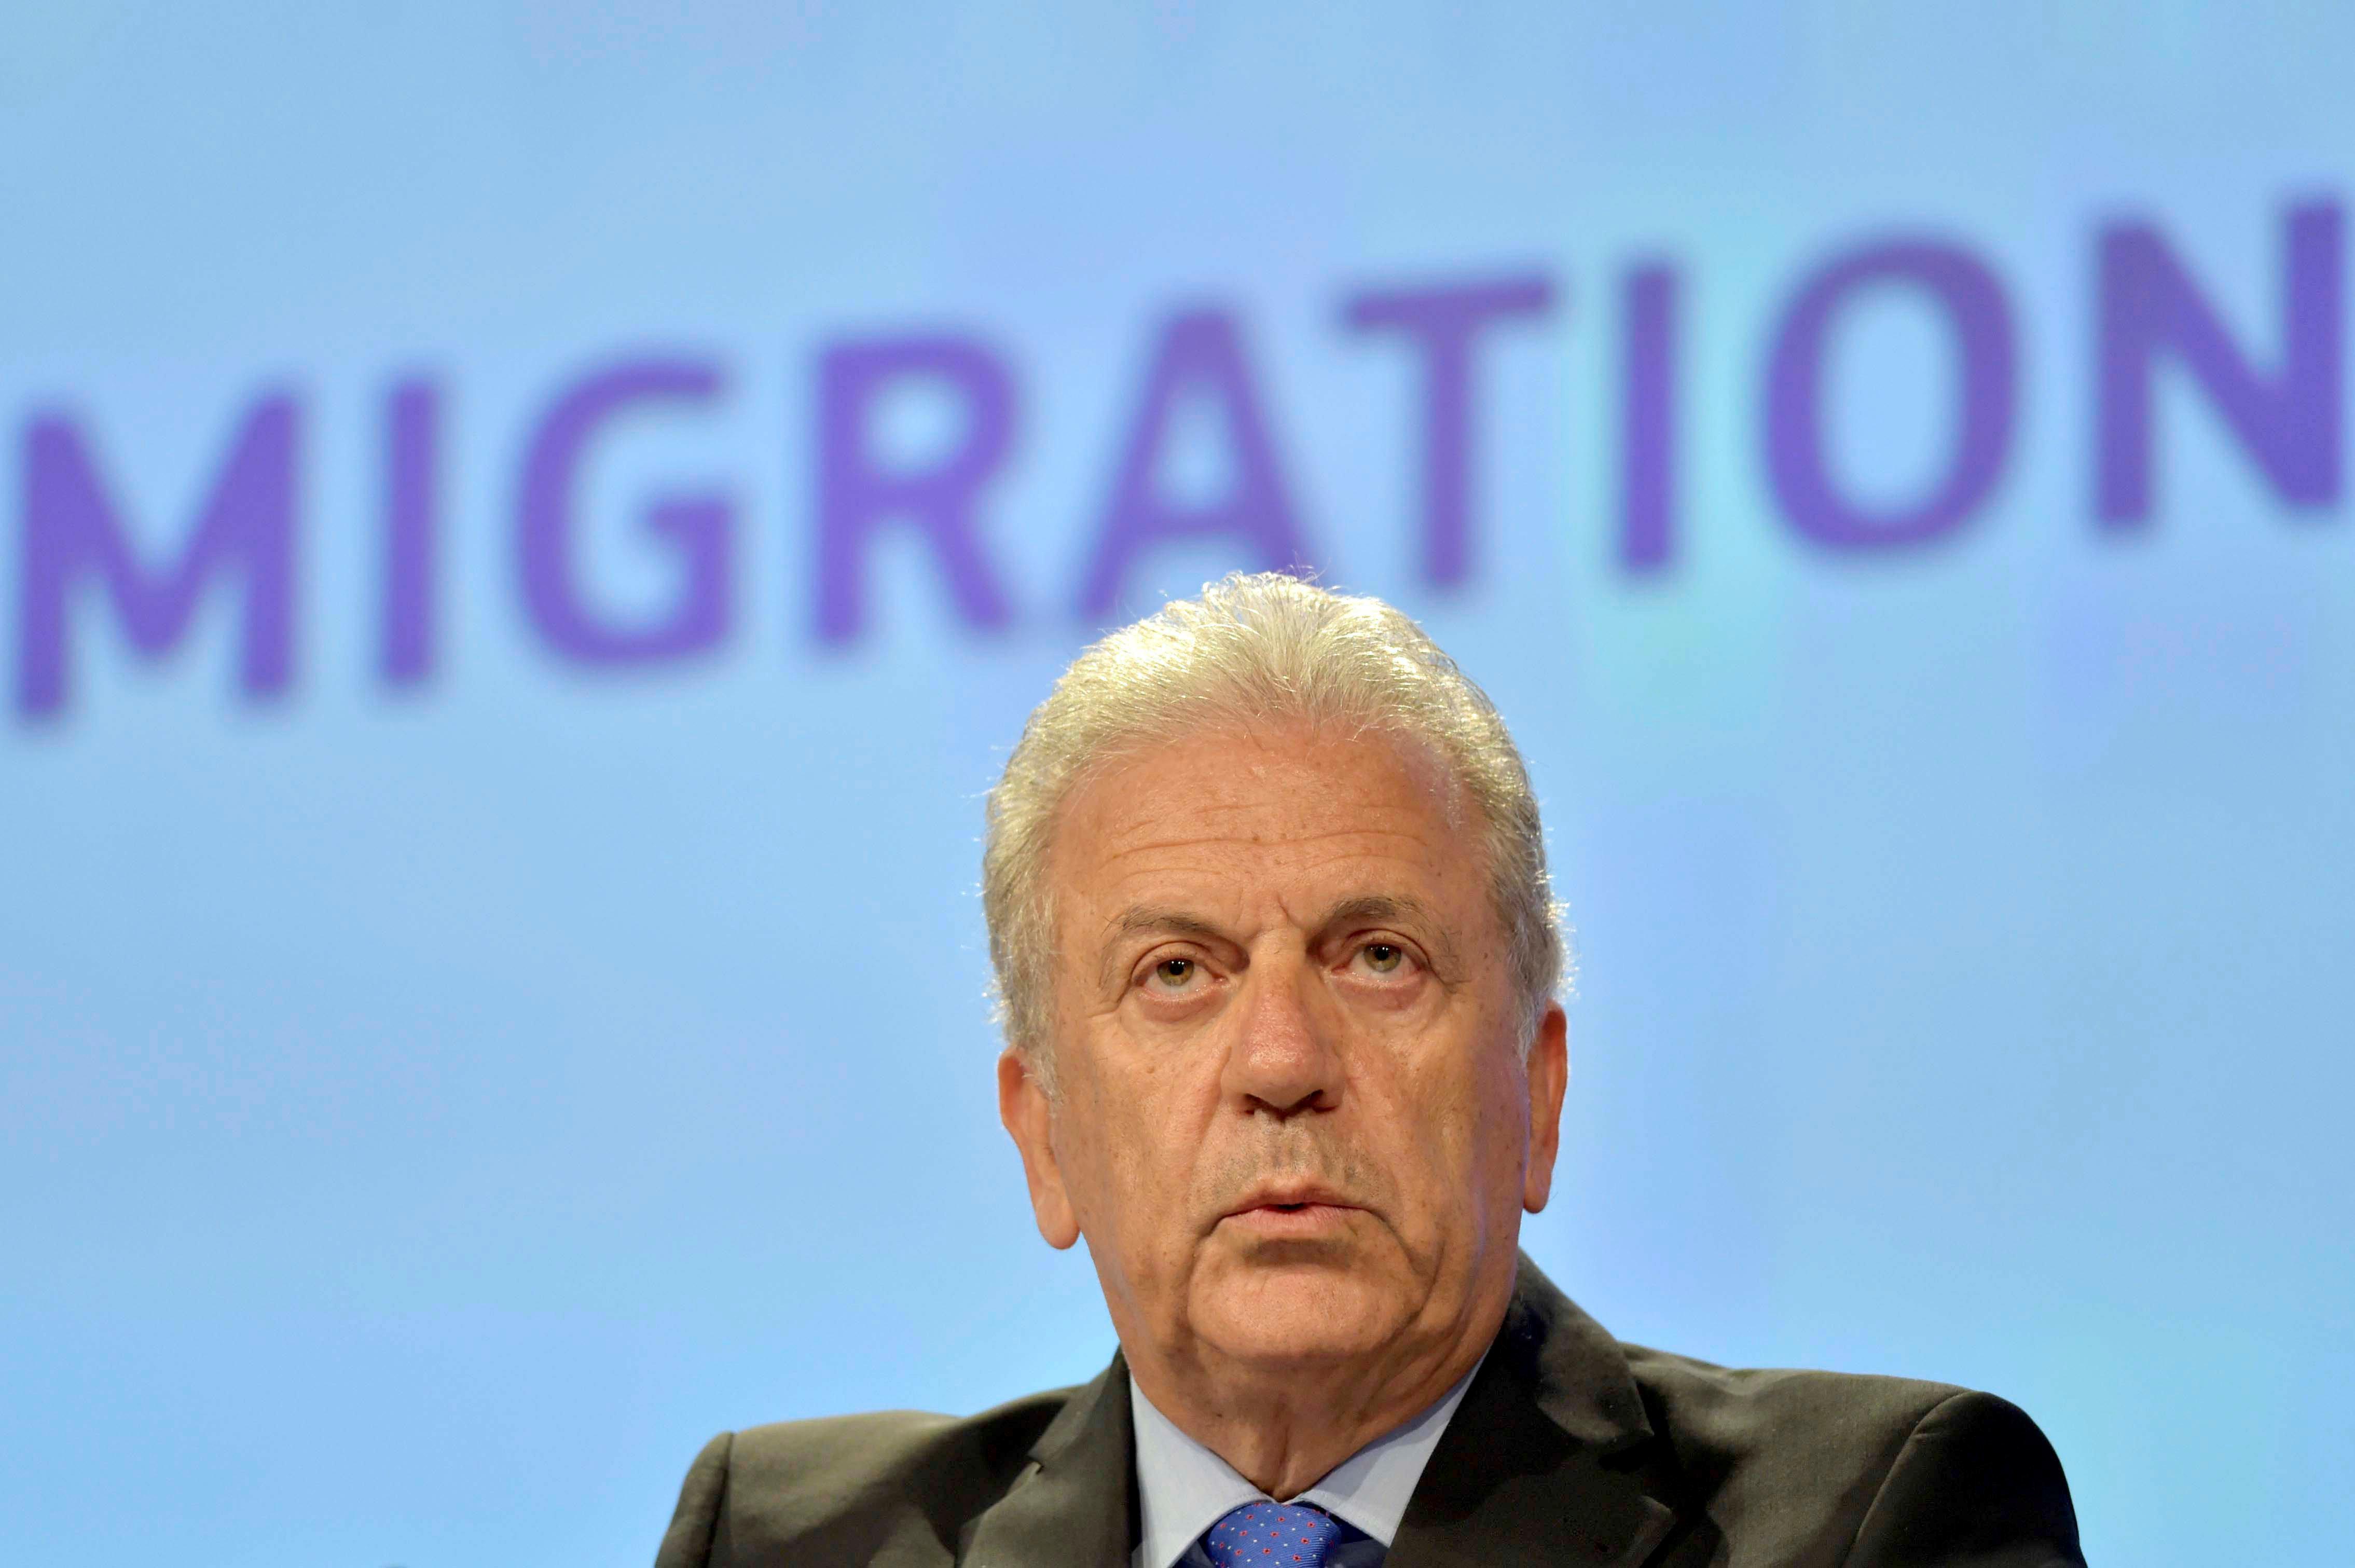 Σειρά συναντήσεων Αβραμόπουλου με την ηγεσία του ΟΗΕ: Μετανάστευση και ασφάλεια στο